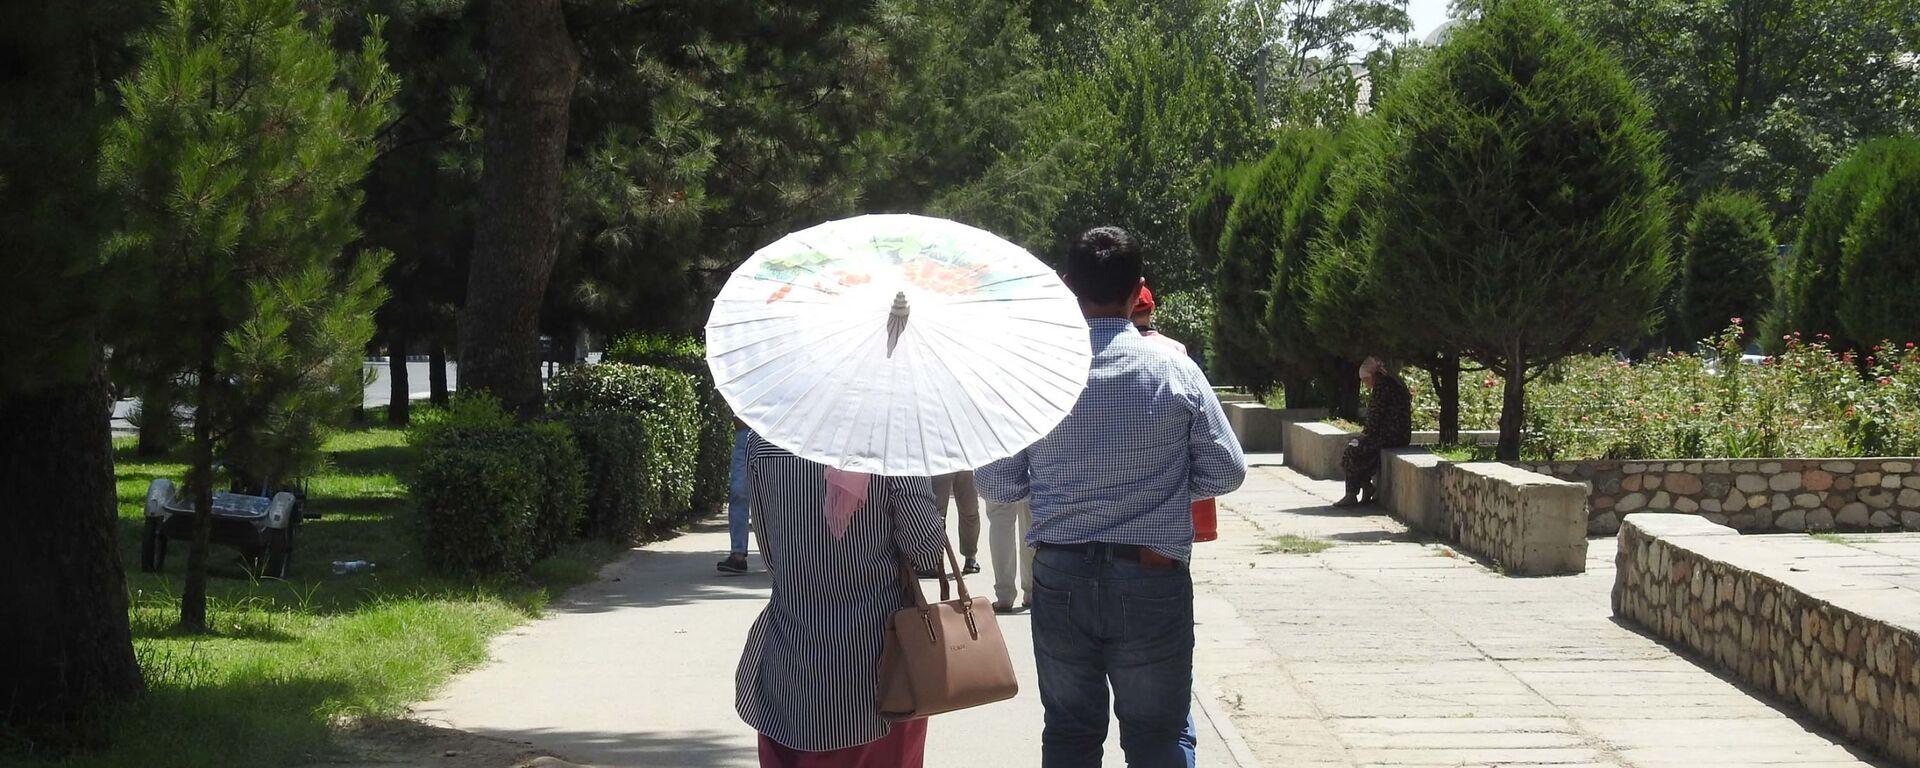 На улице в городе Душанбе, архивное фото - Sputnik Тоҷикистон, 1920, 03.08.2021